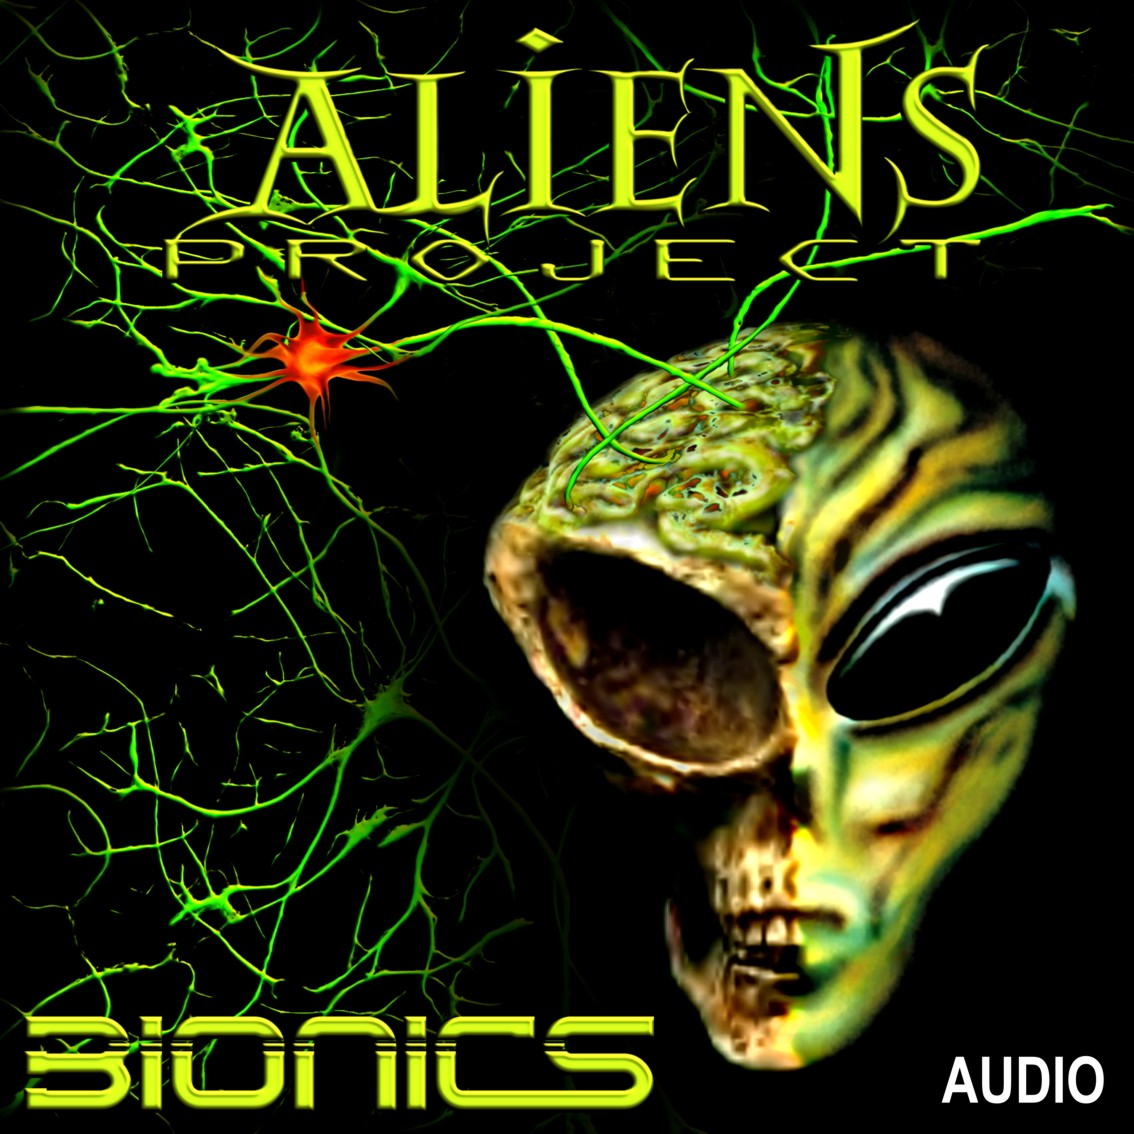 Bionics-Front